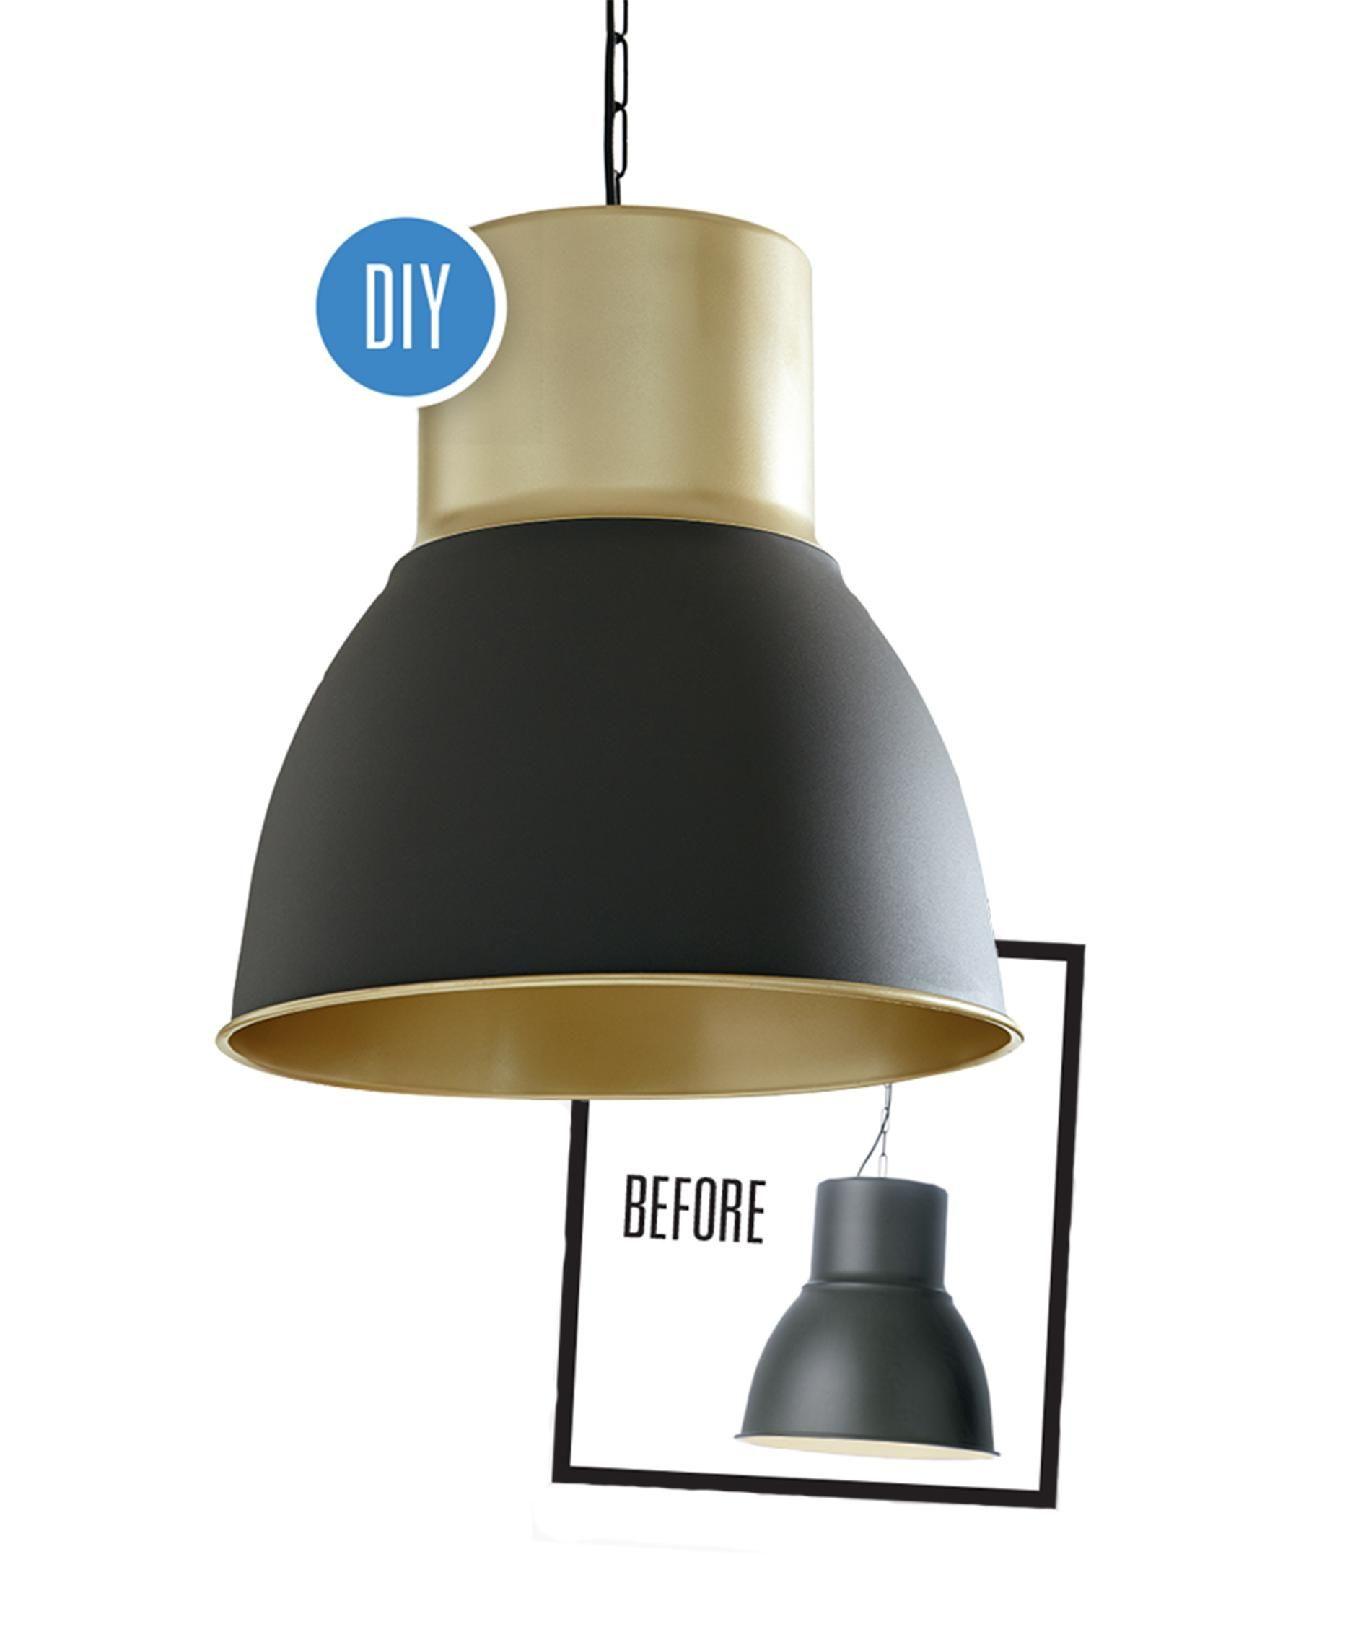 die besten 25 ikea pendelleuchte ideen auf pinterest ikea beleuchtung ikea lampe und h ngelampen. Black Bedroom Furniture Sets. Home Design Ideas